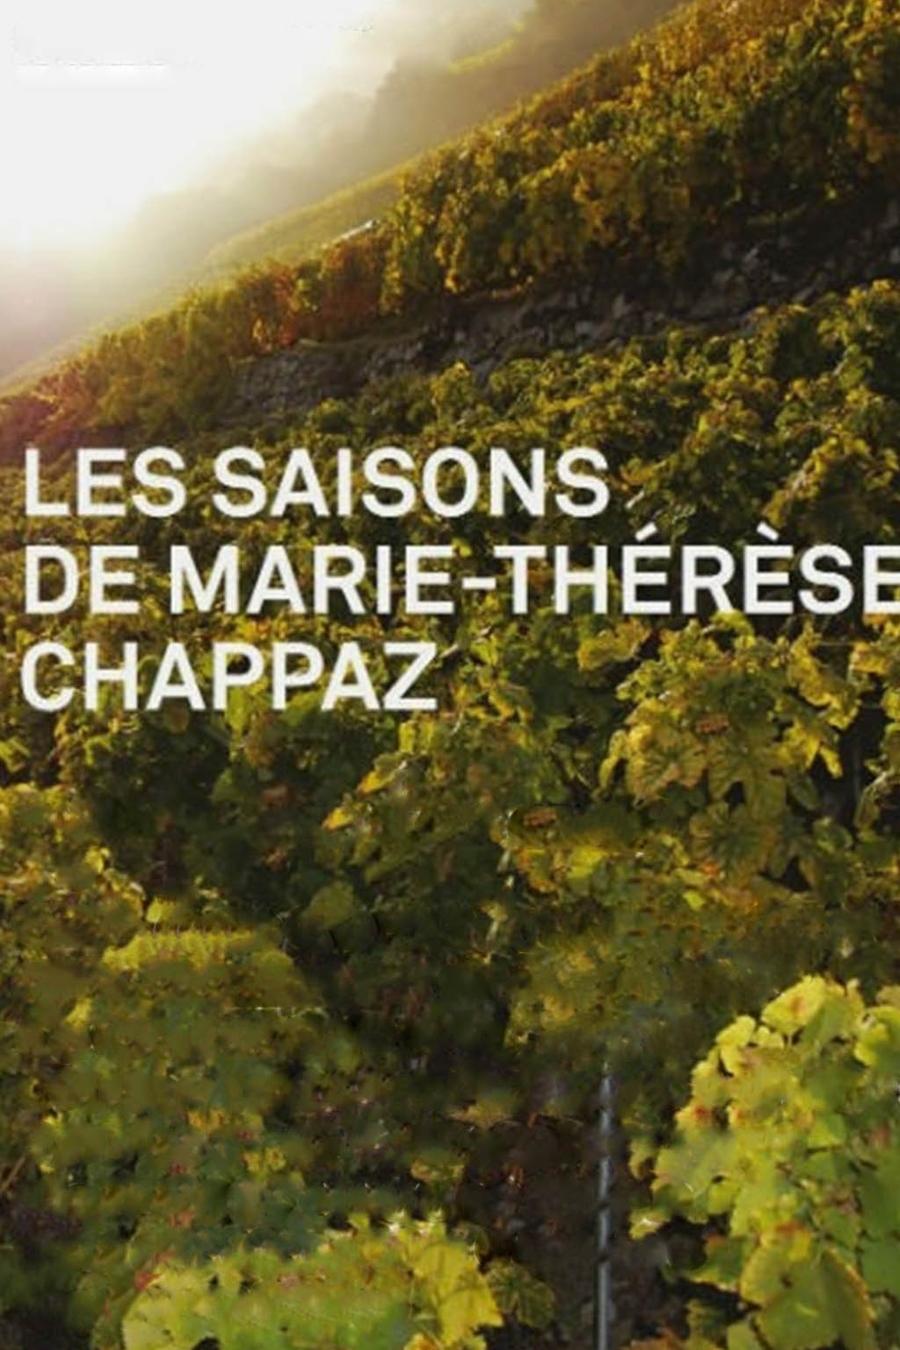 Les saisons de Marie-Thérèse Chappaz